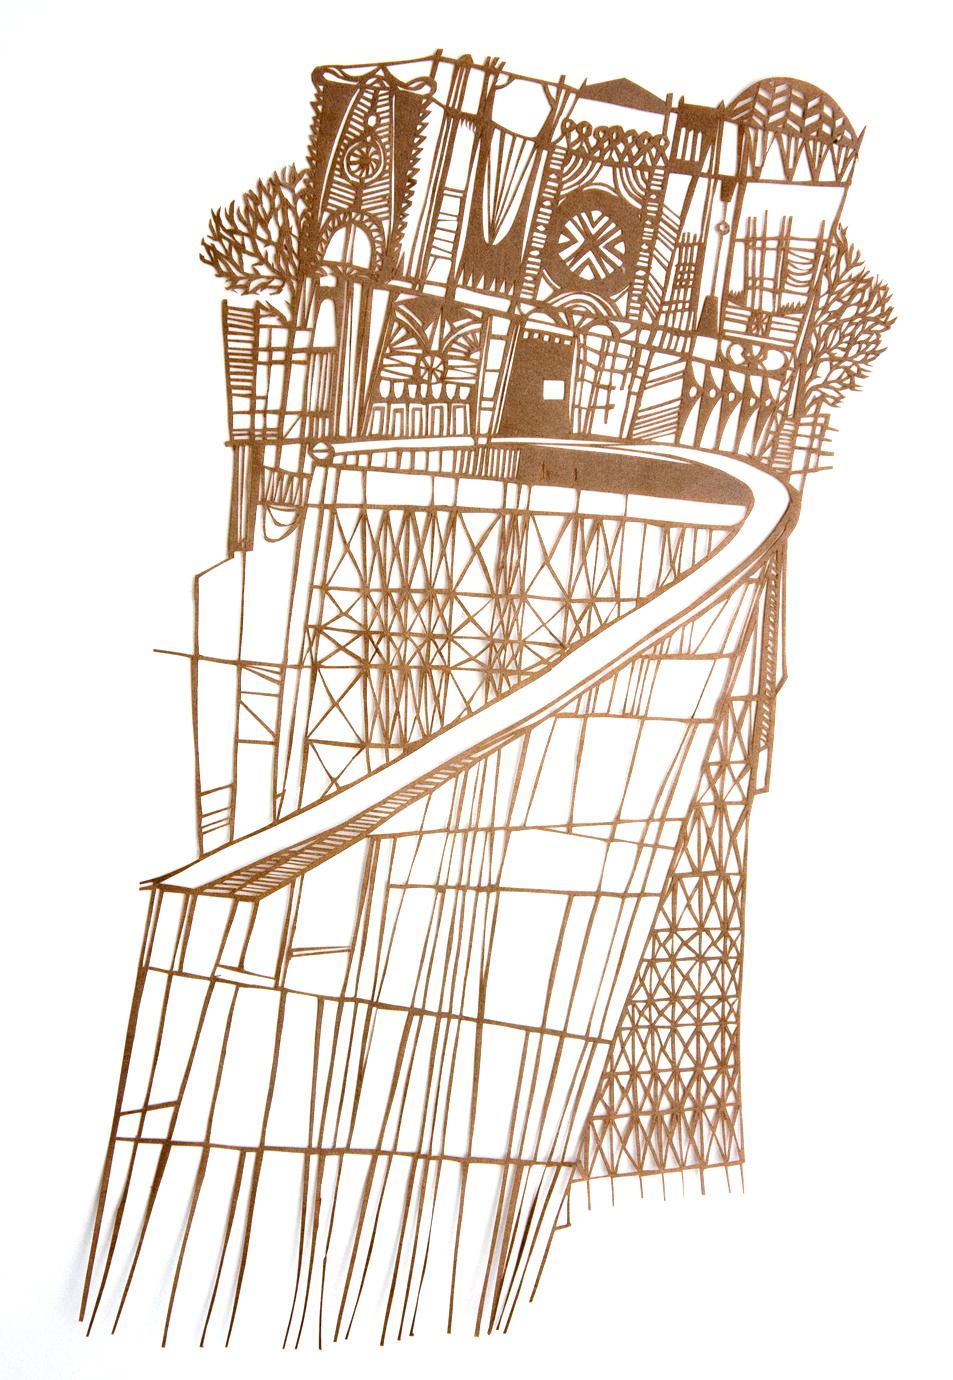 Papercut-6